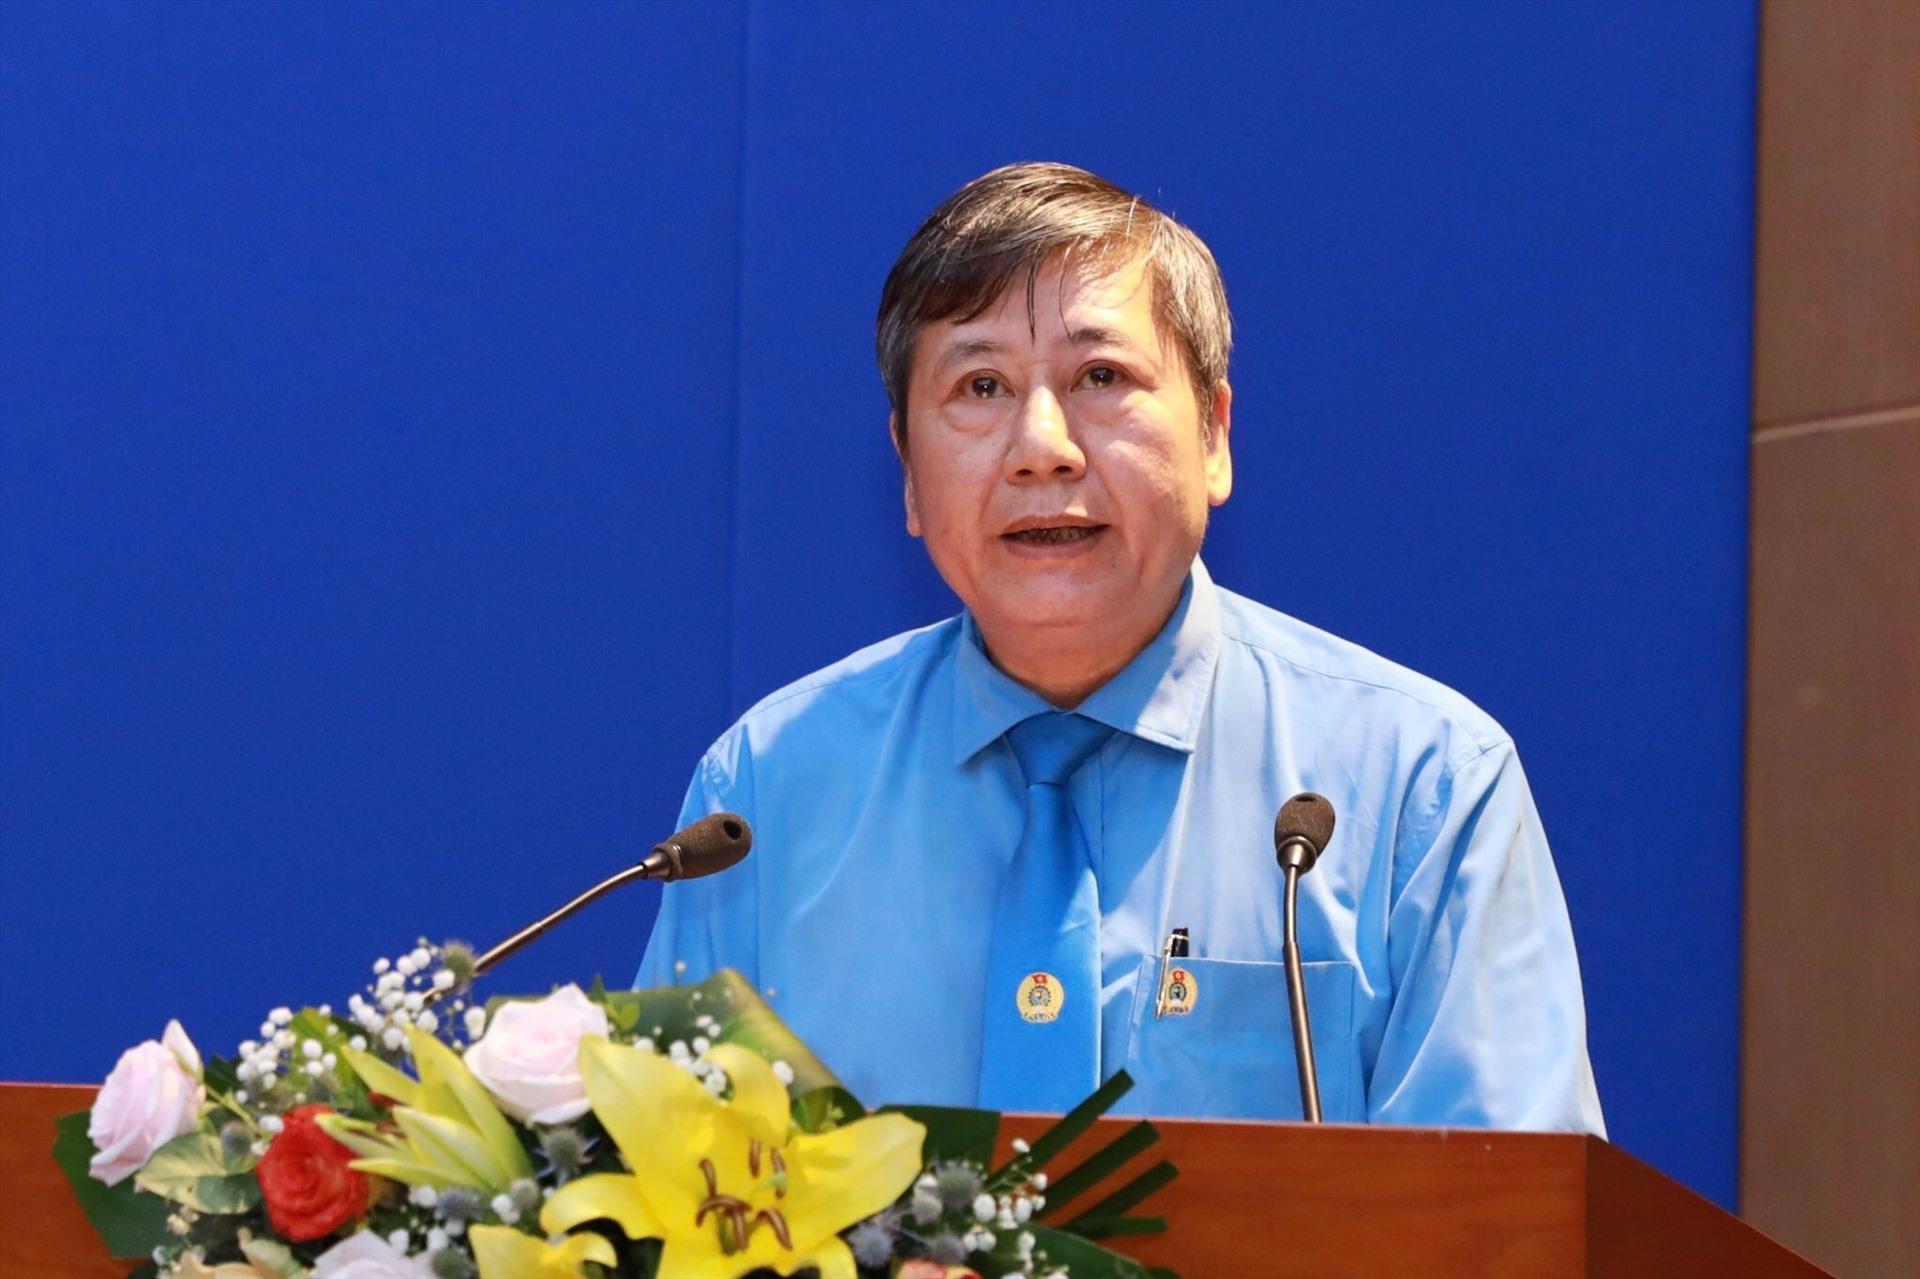 Đồng chí Trần Thanh Hải - Phó Chủ tịch Thường trực Tổng LĐLĐVN phát biểu tại Hội nghị. Ảnh: Hải Nguyễn